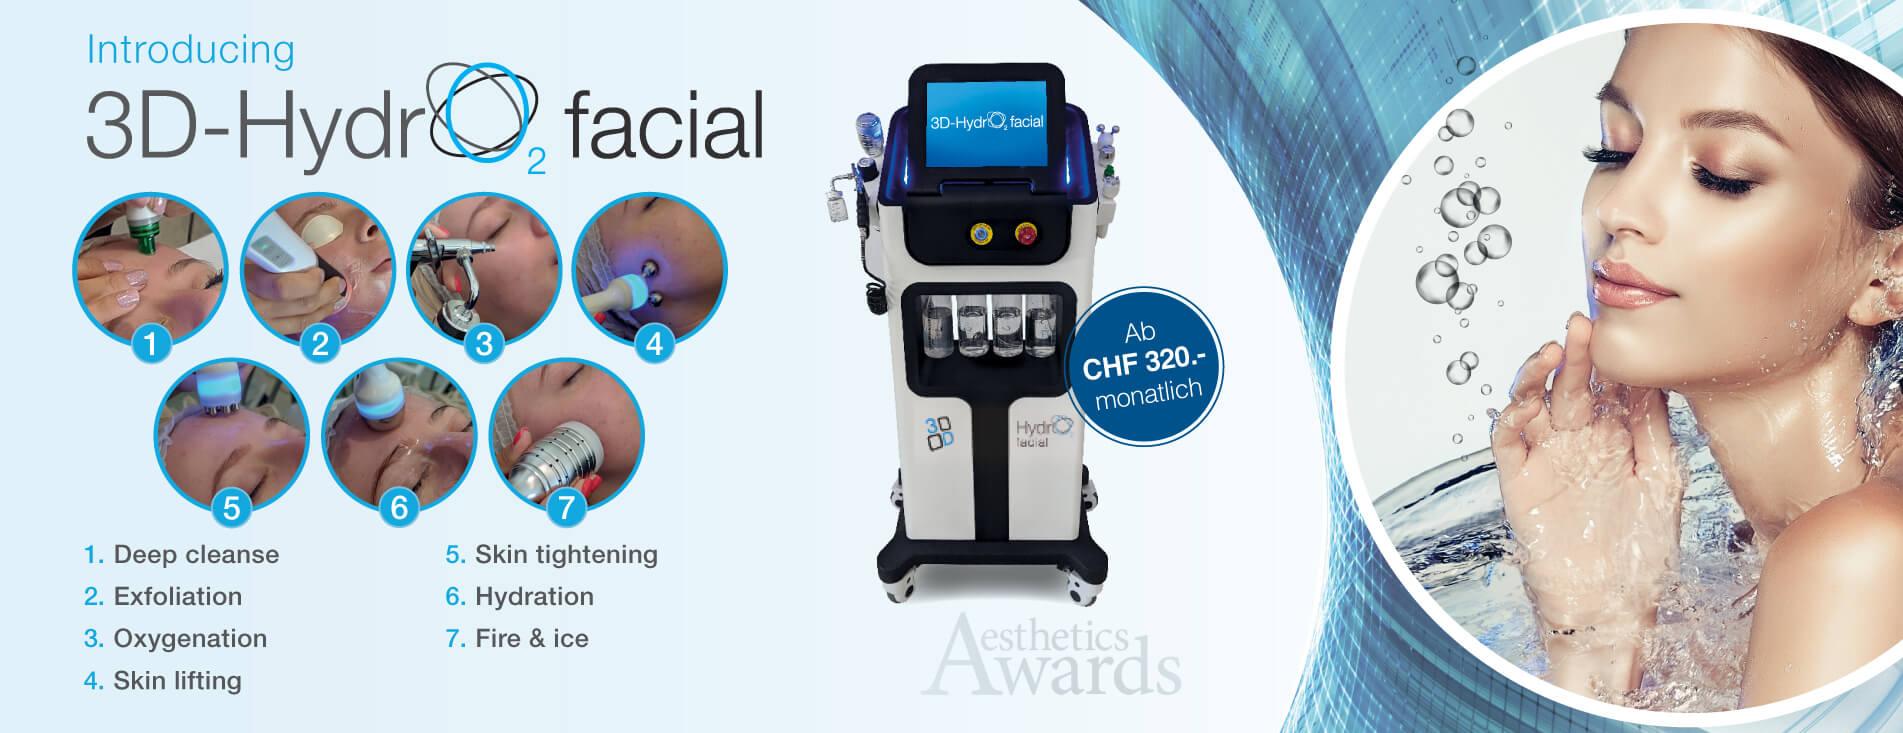 3D Hydr02 Facial DE